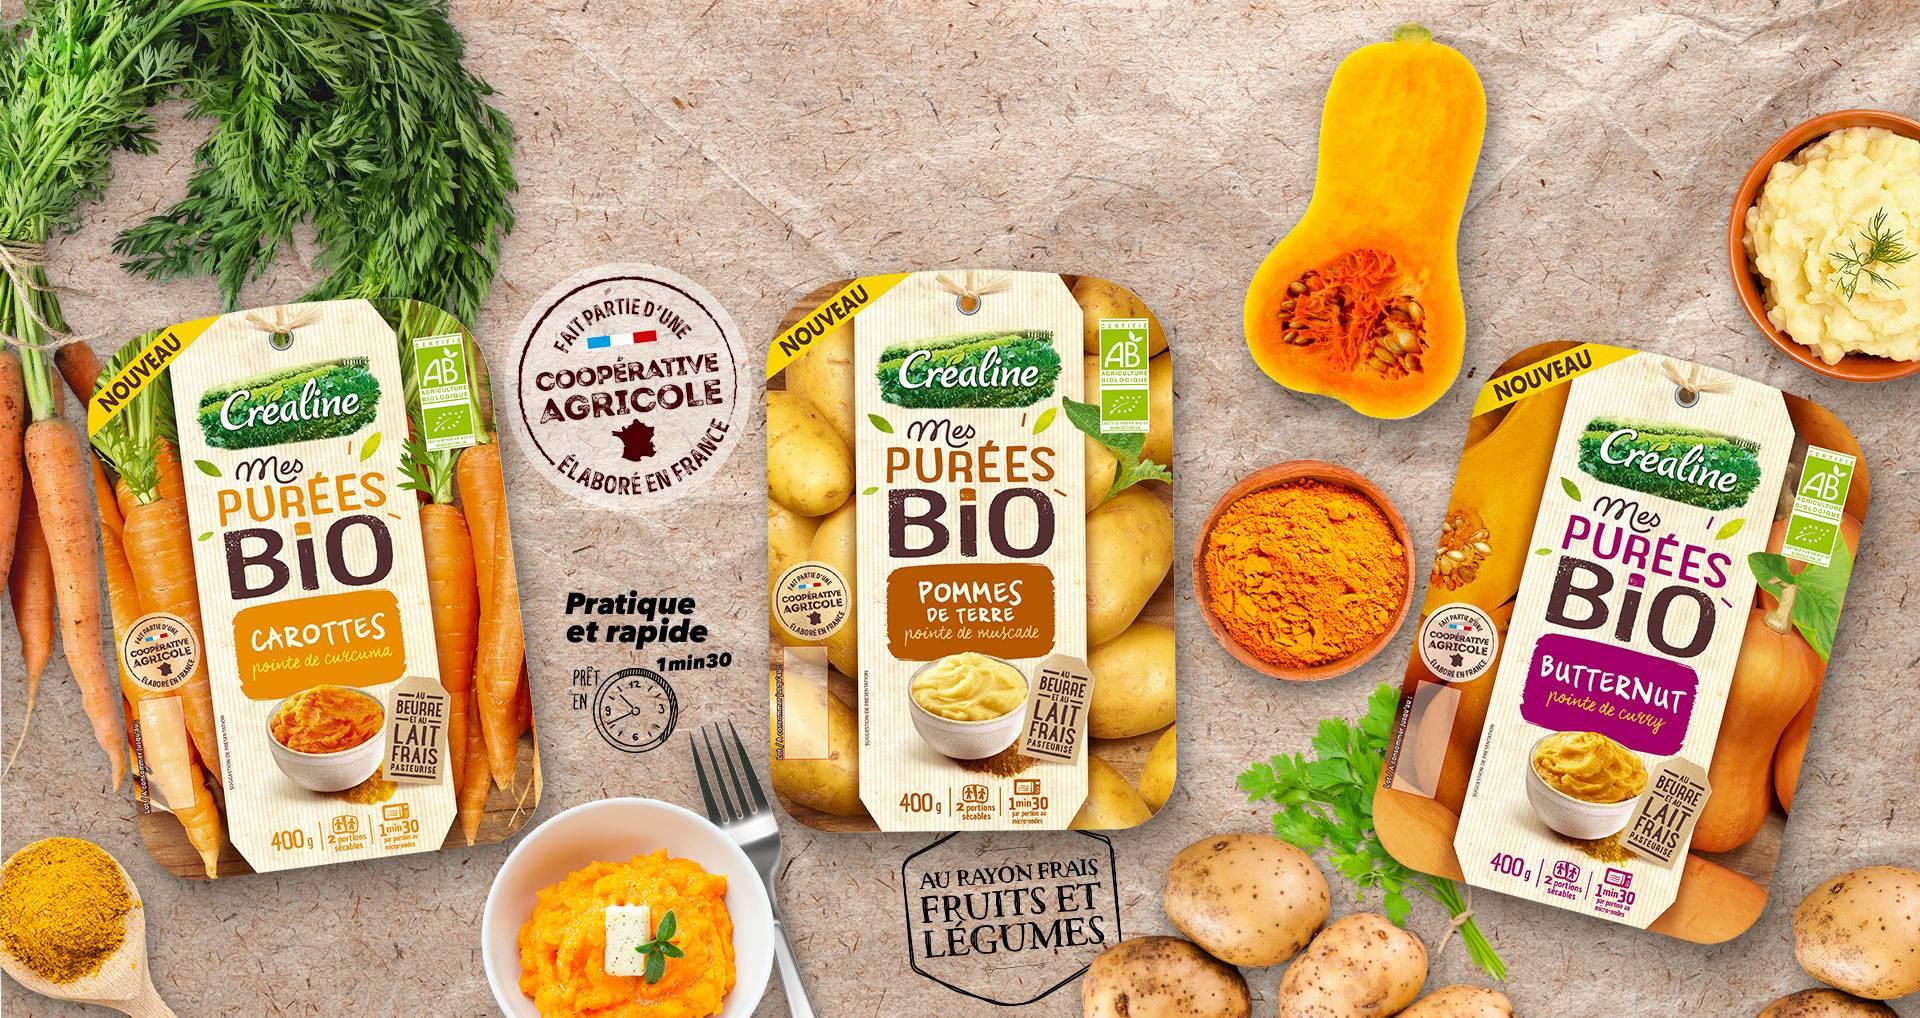 Les purées bio au rayon frais : purée bio carottes - purée bio pommes de terre - purée bio butternut